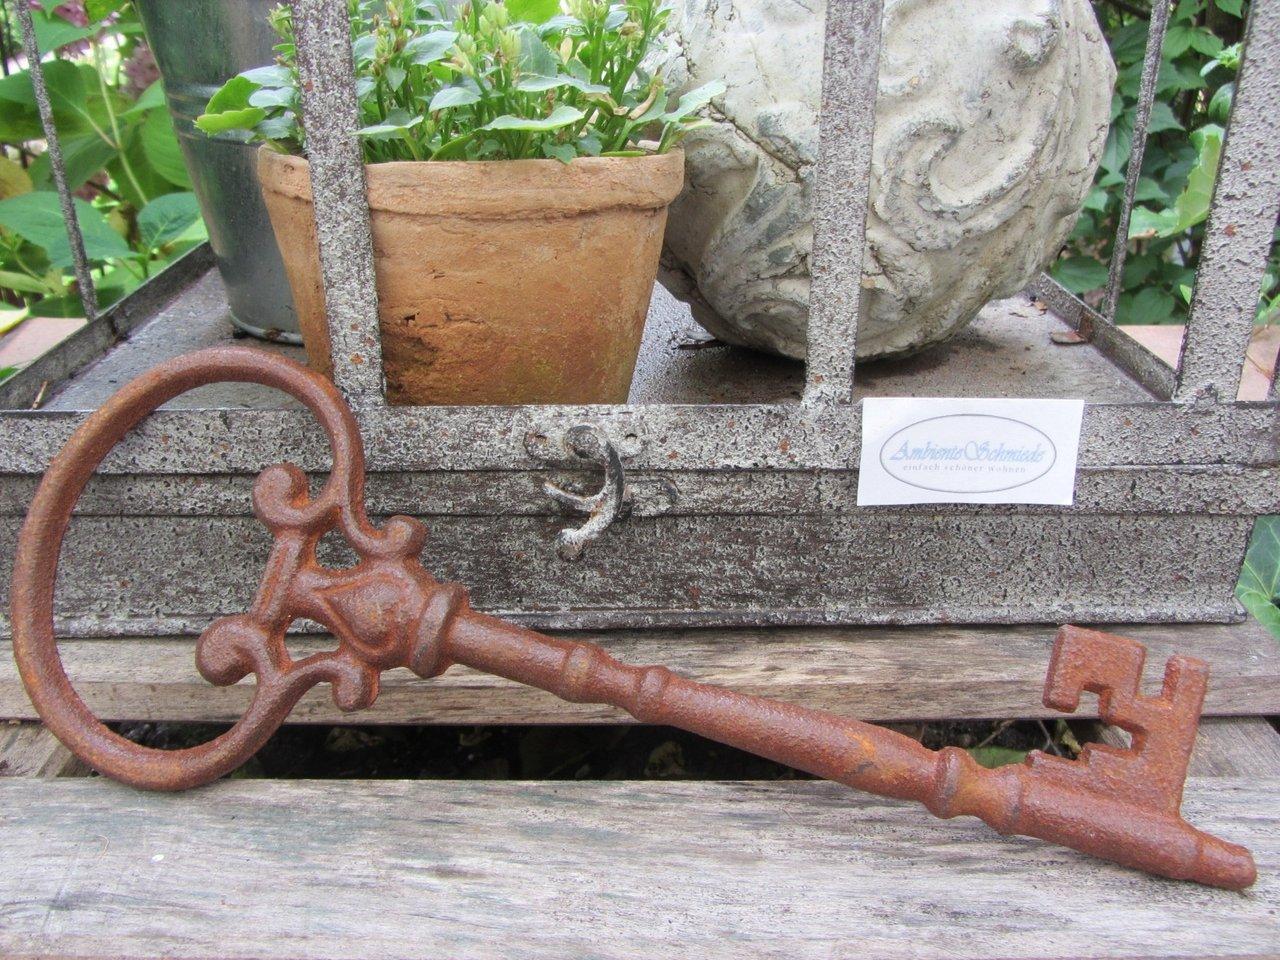 5er Schlüsselbund Gusseisen Deko Schlüssel Landhaus Nostalgie Garten Shabby Chic